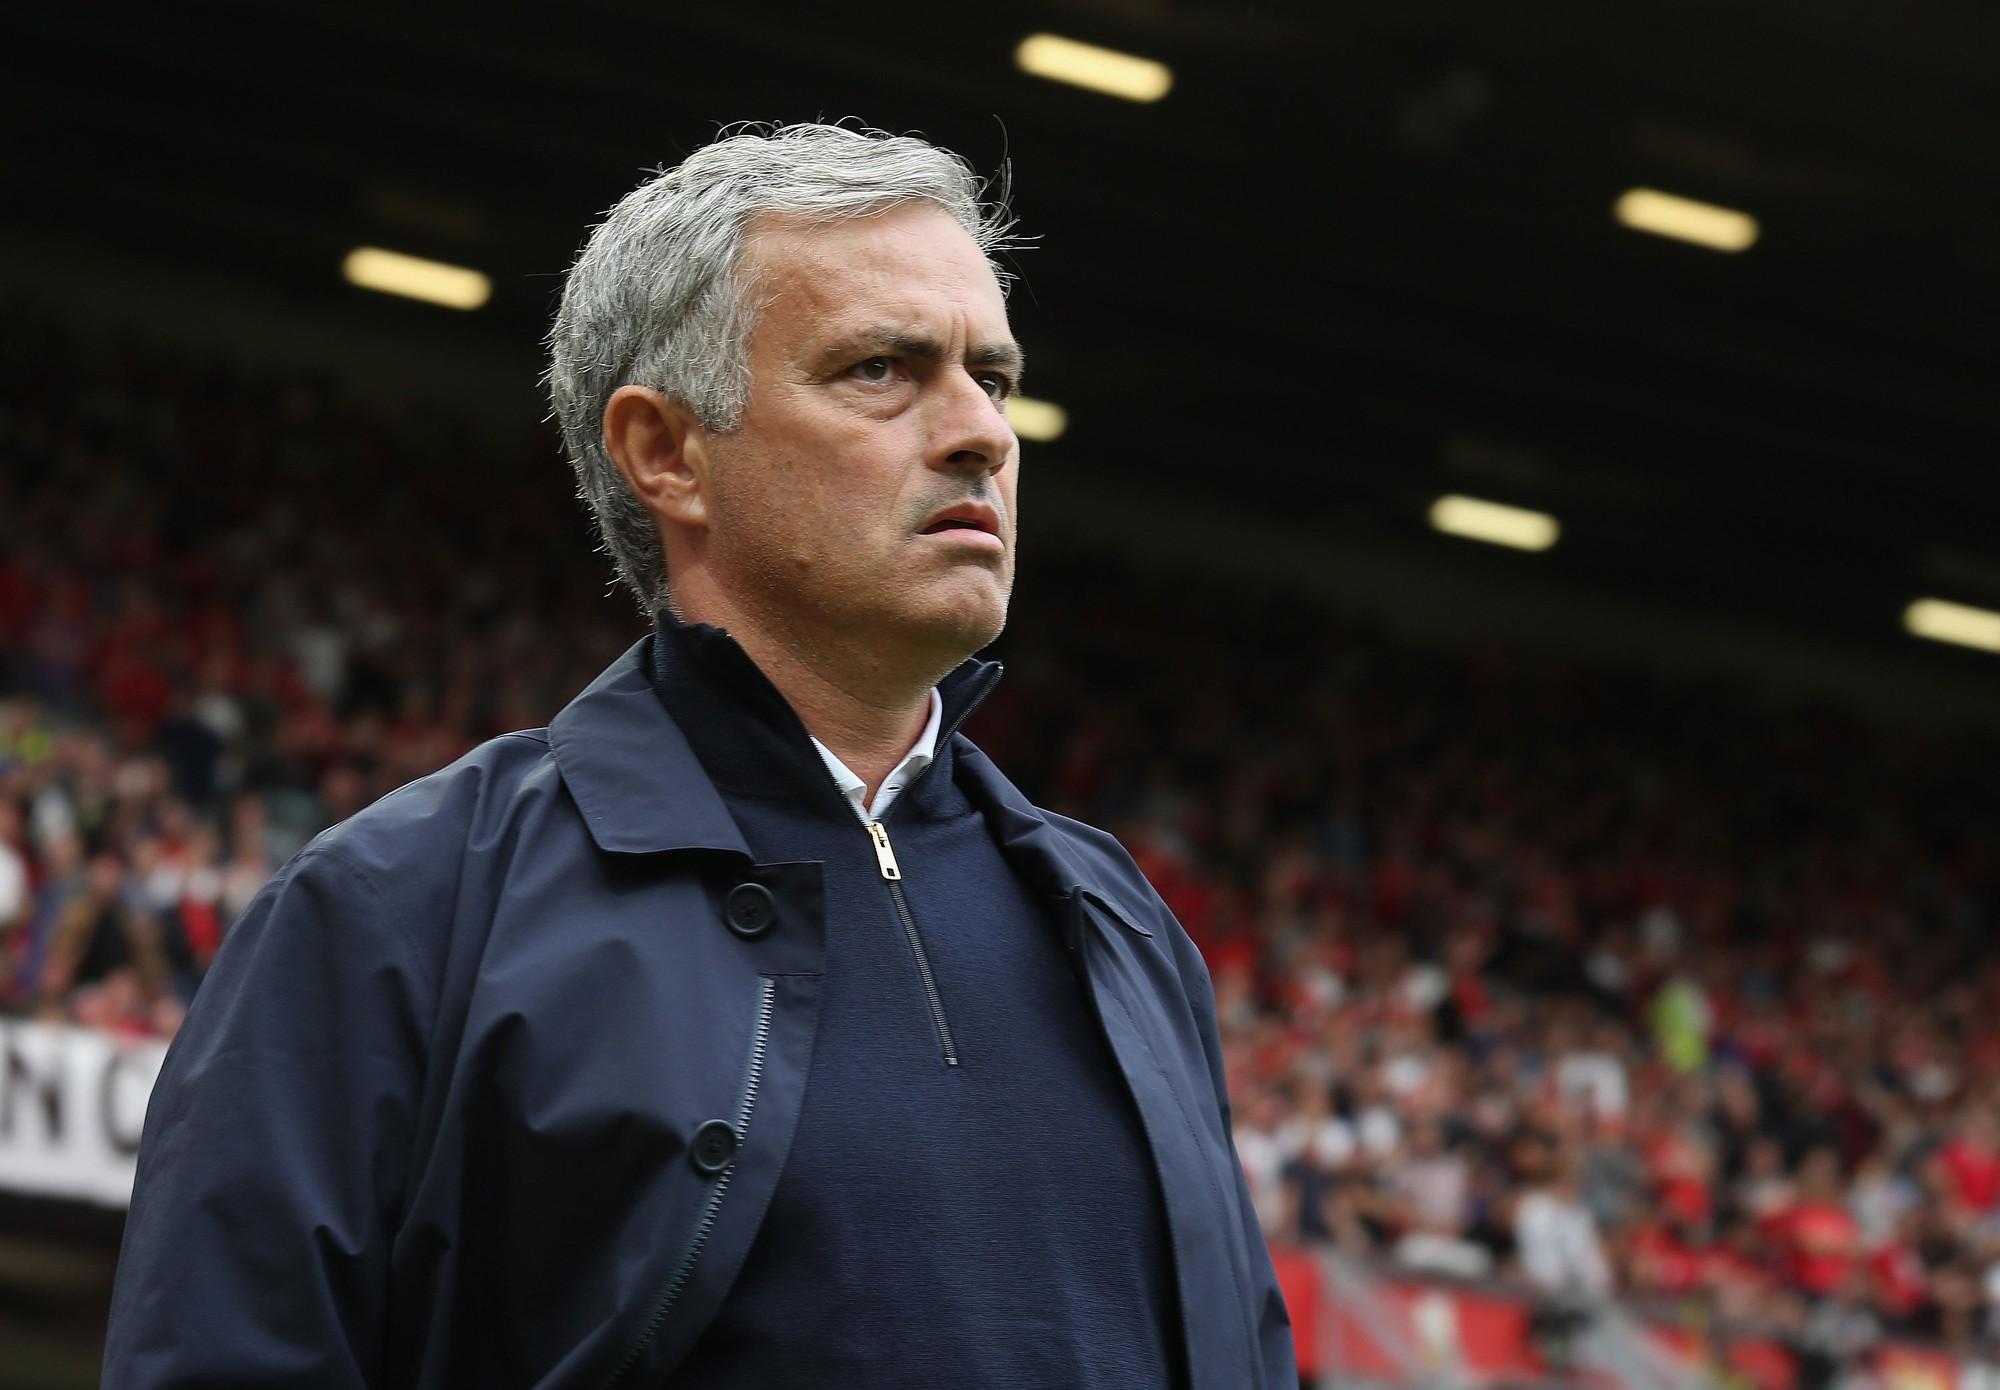 Mourinho - Man Utd: Mối lương duyên đã sai ngay từ đầu - Ảnh 1.